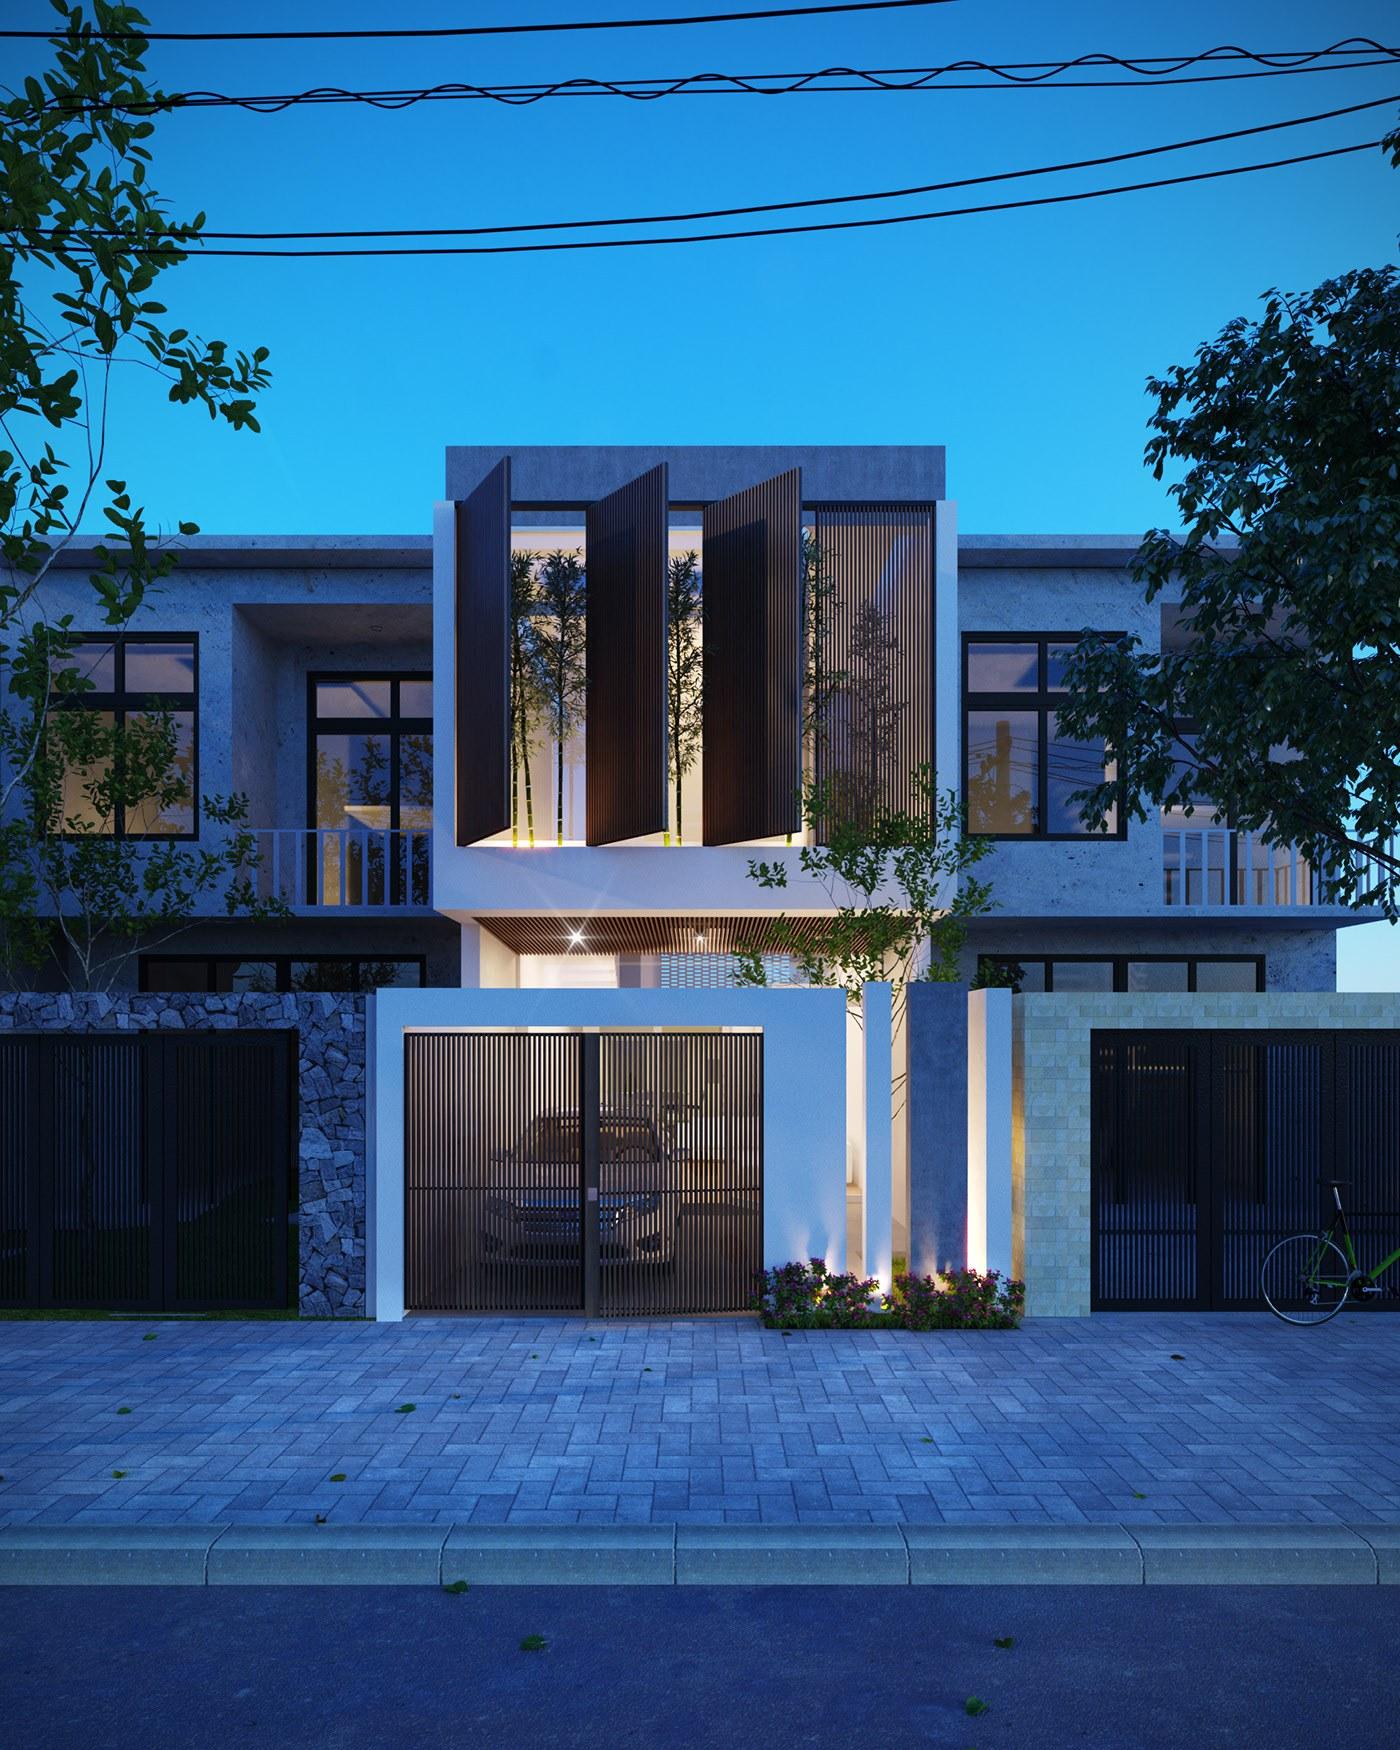 Thiết kế nhà thể hiện được vẻ đẹp kiến trúc hoàn hảo và không gian sống thoáng rộng